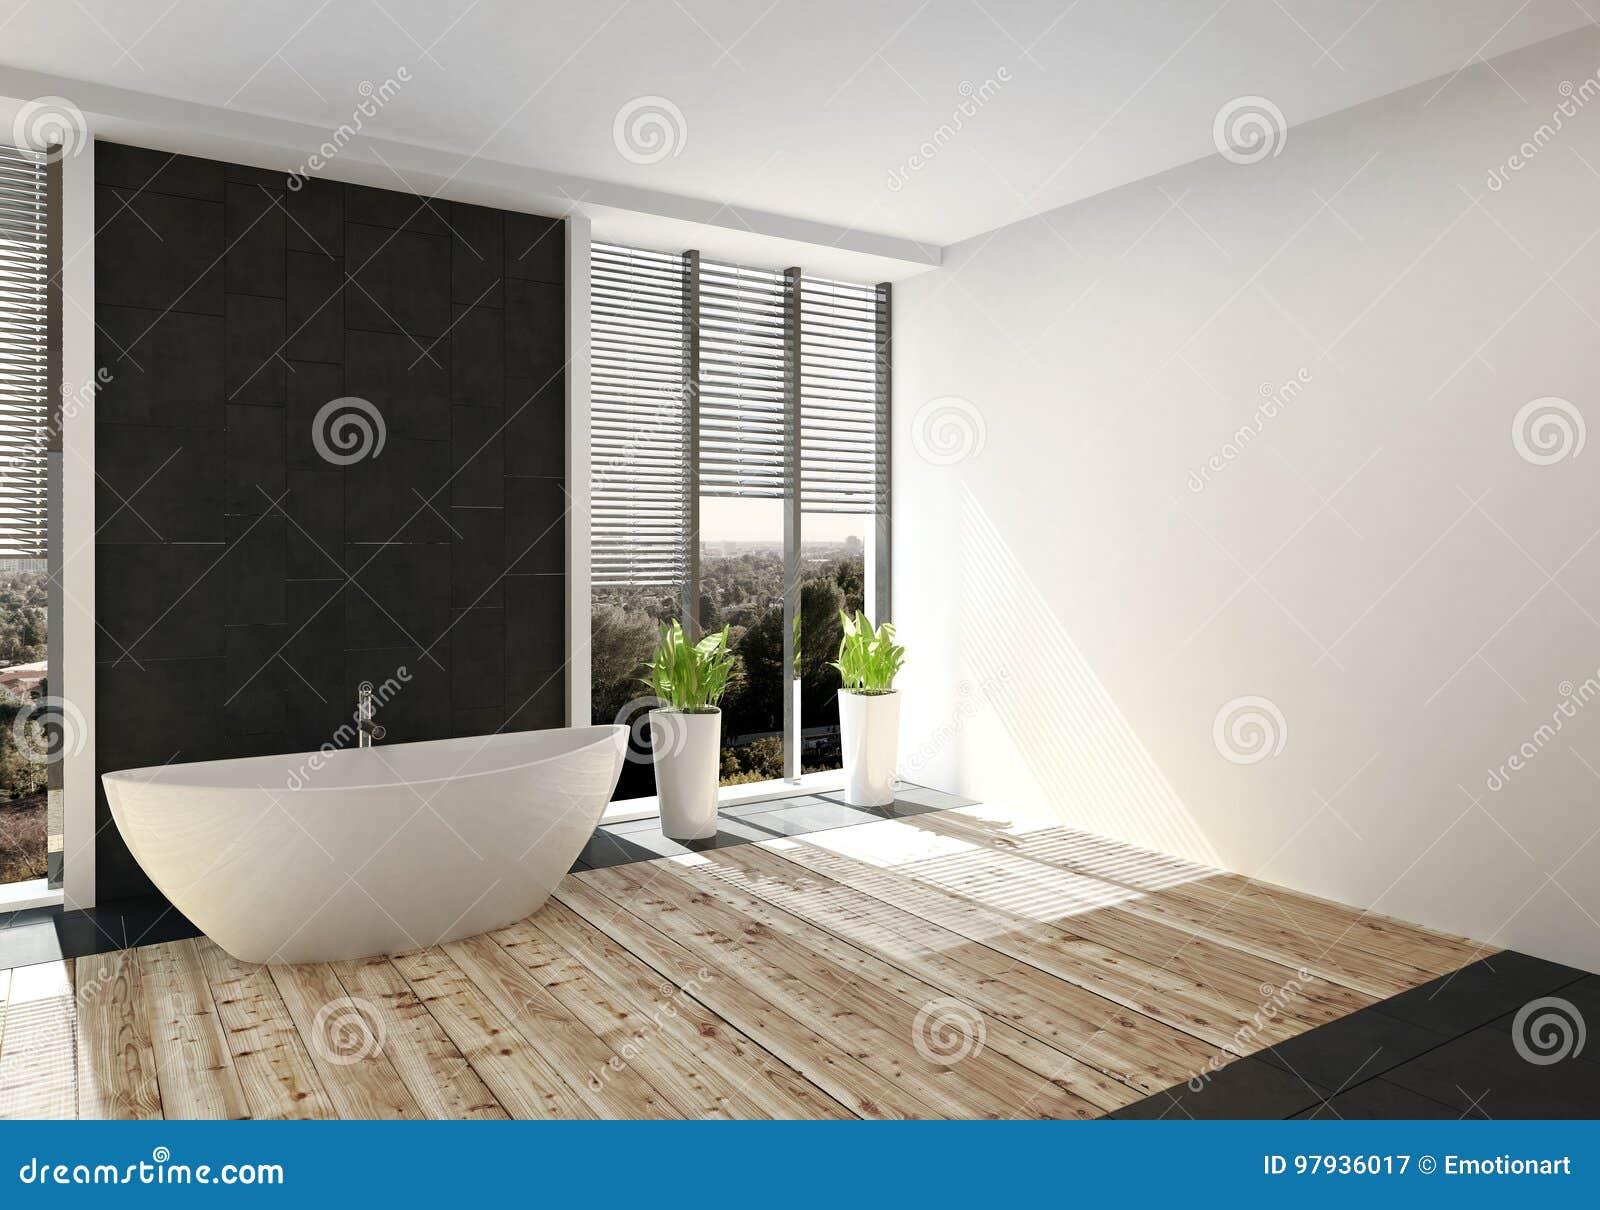 Download Modernes Luxusbadezimmer Mit Hellem Holzfußboden Stock Abbildung    Illustration Von Dachboden, Haus: 97936017